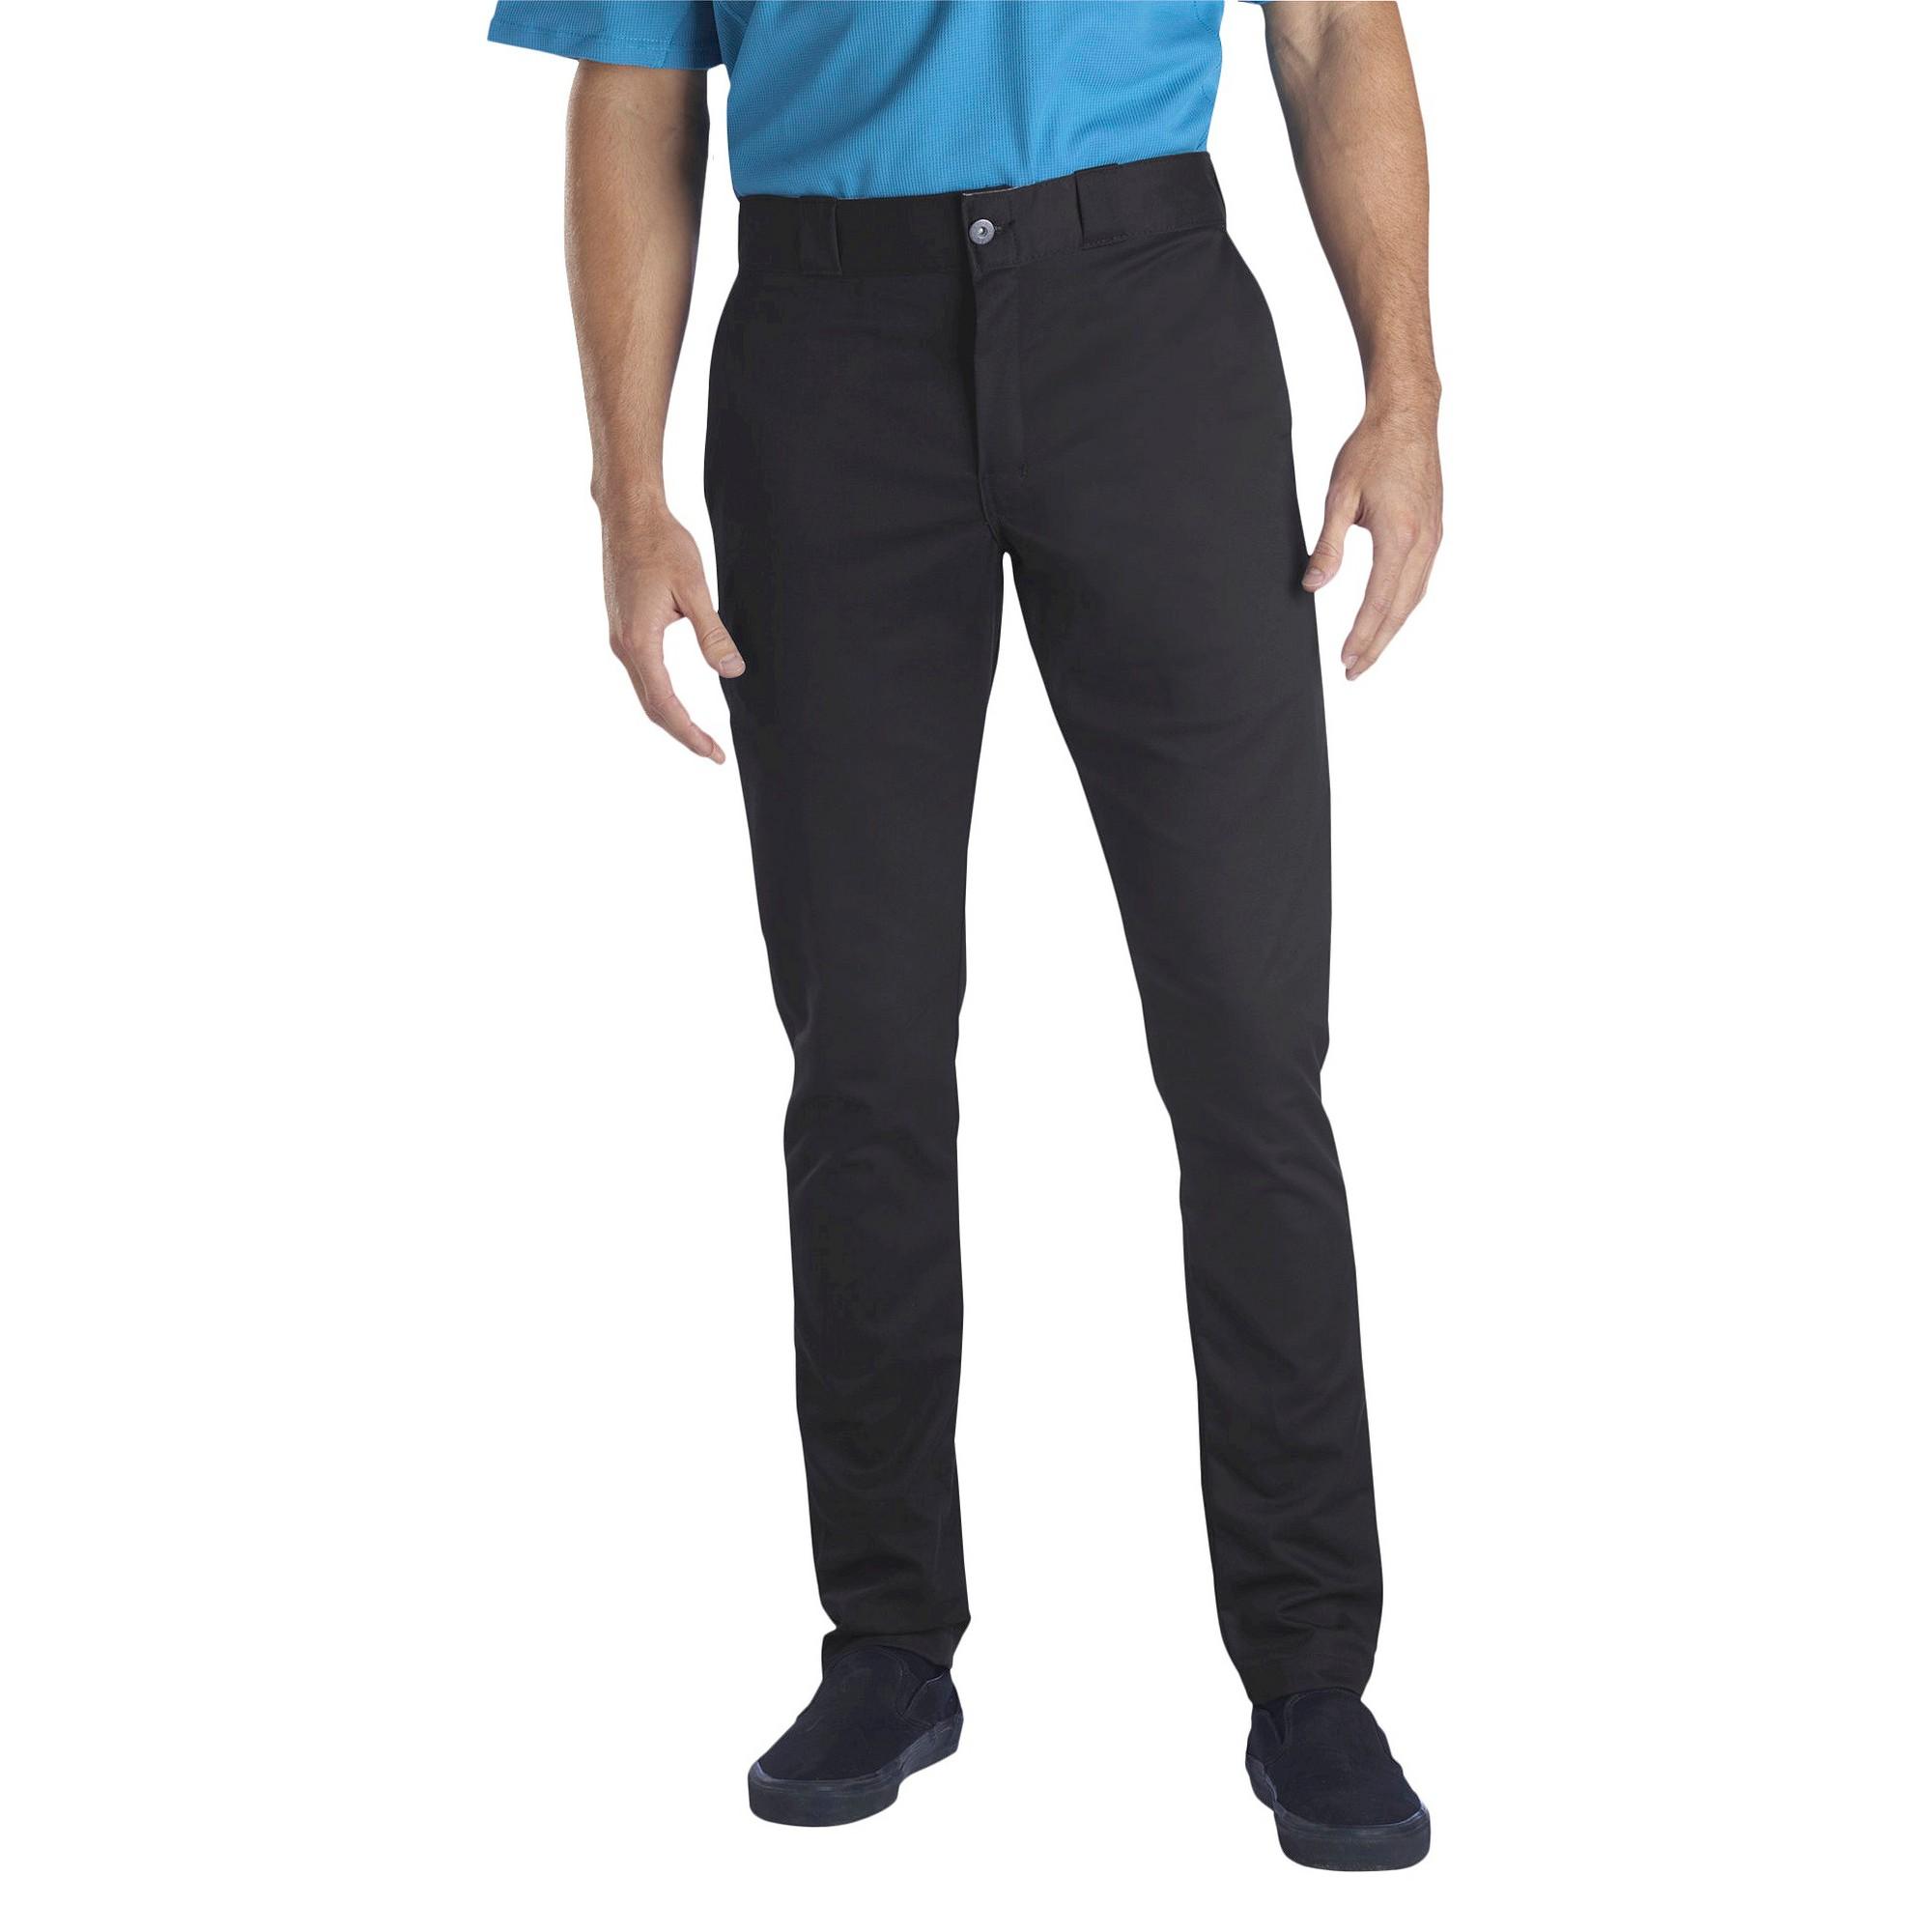 Dickies Men's Skinny Straight Fit Flex Twill Pants- Black 30x30